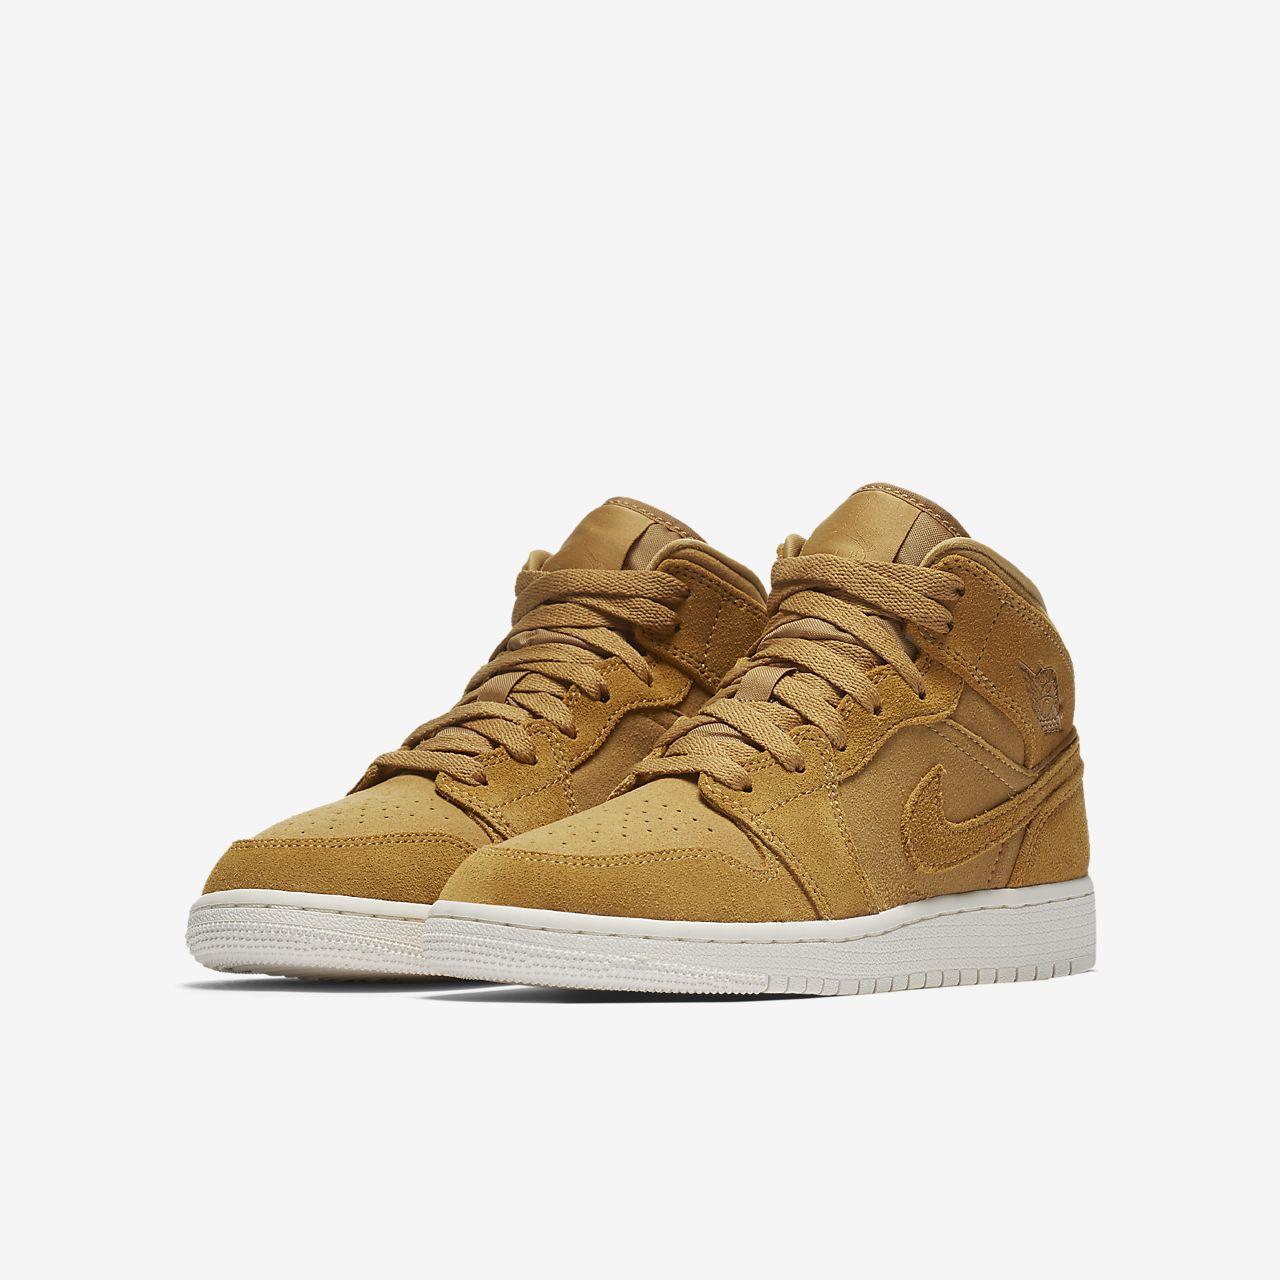 free shipping a66c4 8172c jordan xii original boy s shoes